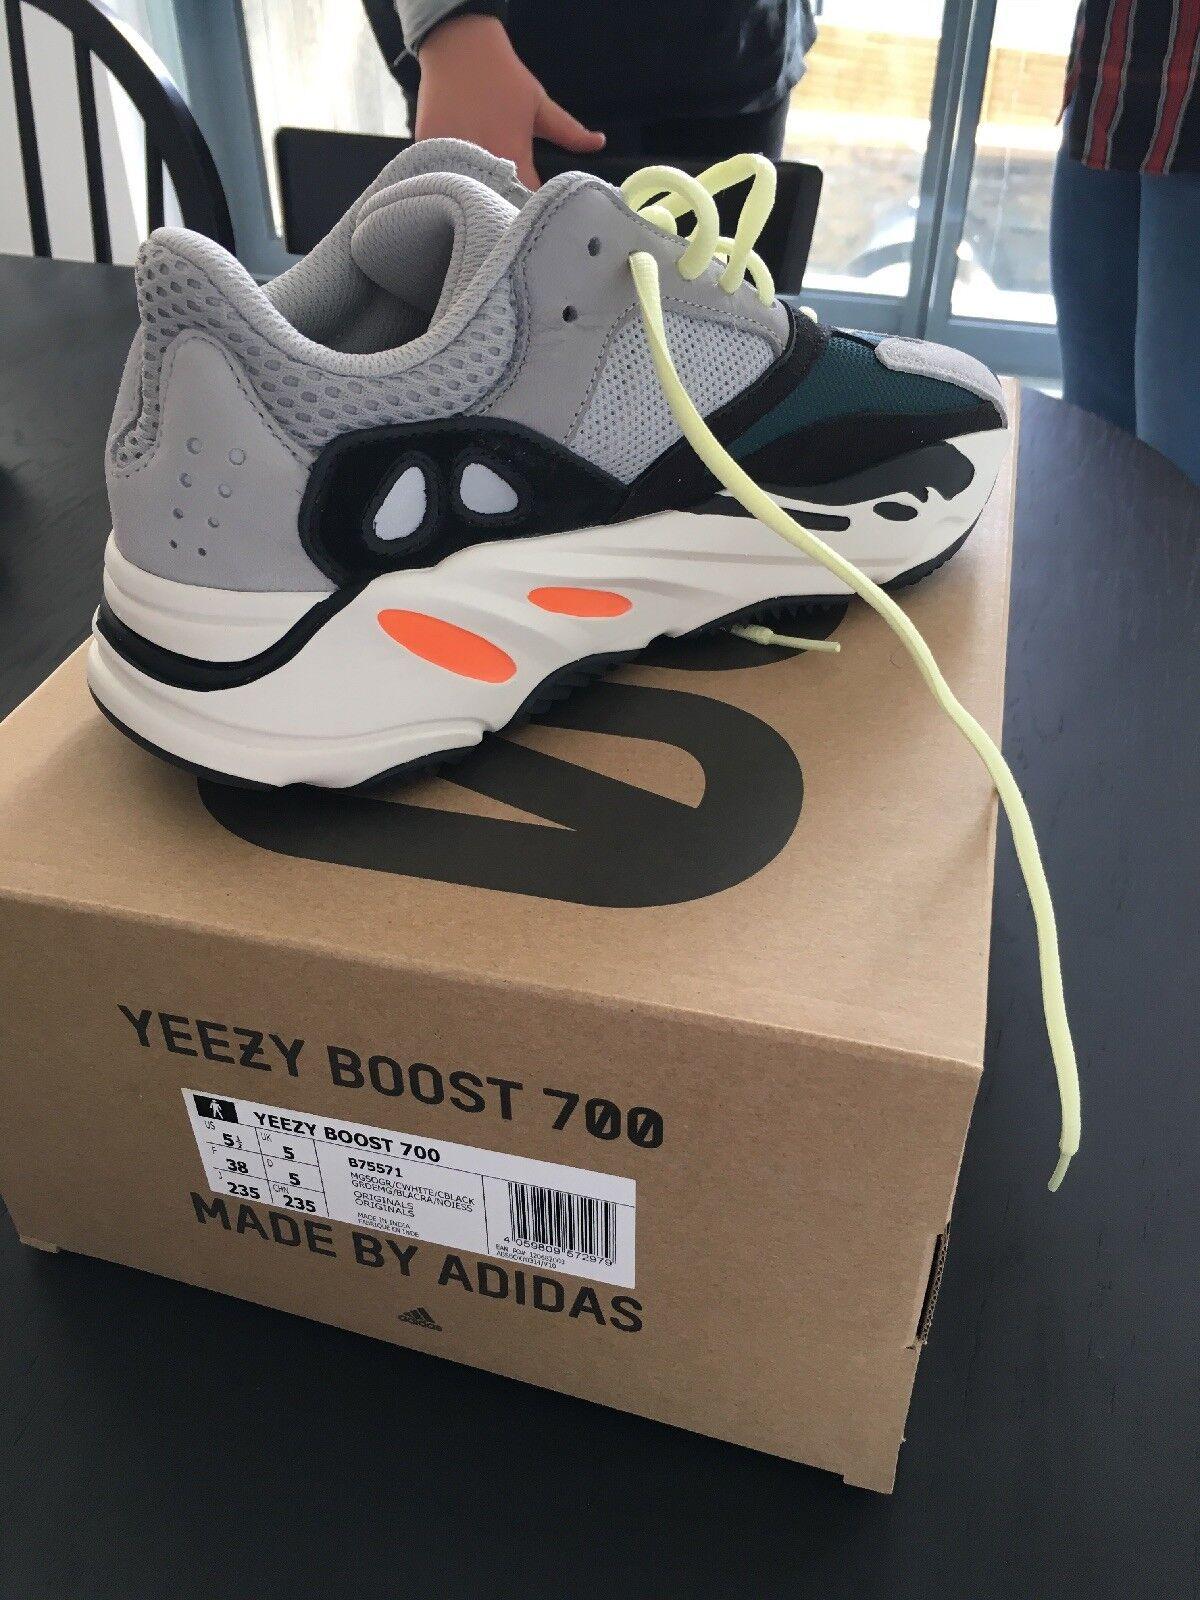 Adidas Yeezy Boost 700 Wave Runner UK5 dans la main prête à l'annonce